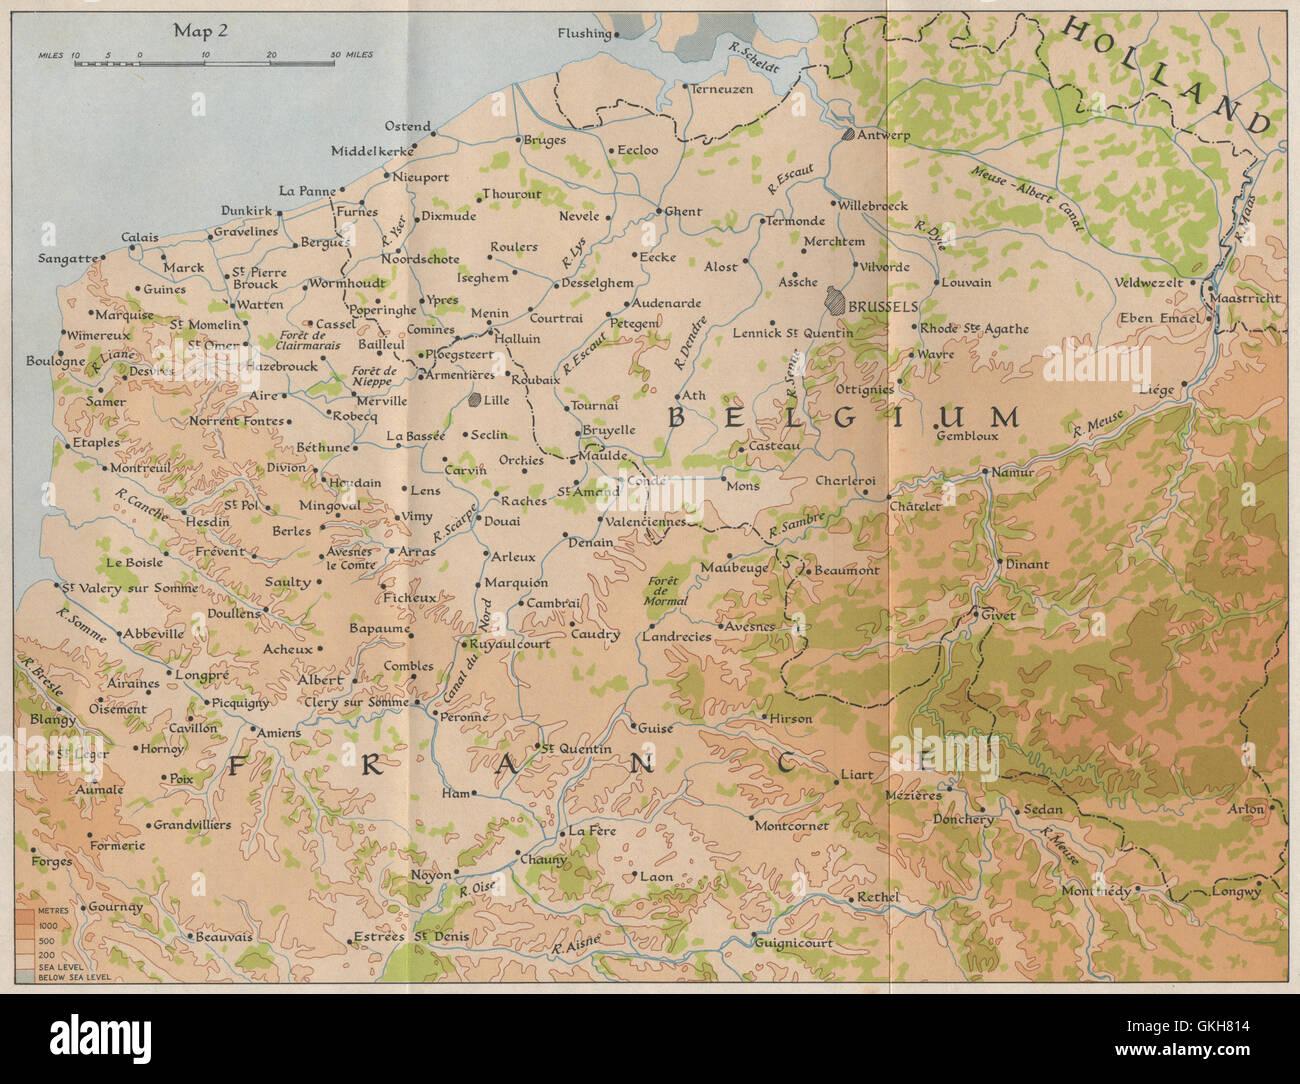 Nordfrankreich Karte.Flandern Im Jahre 1940 Nordfrankreich Belgien Gebr 1953